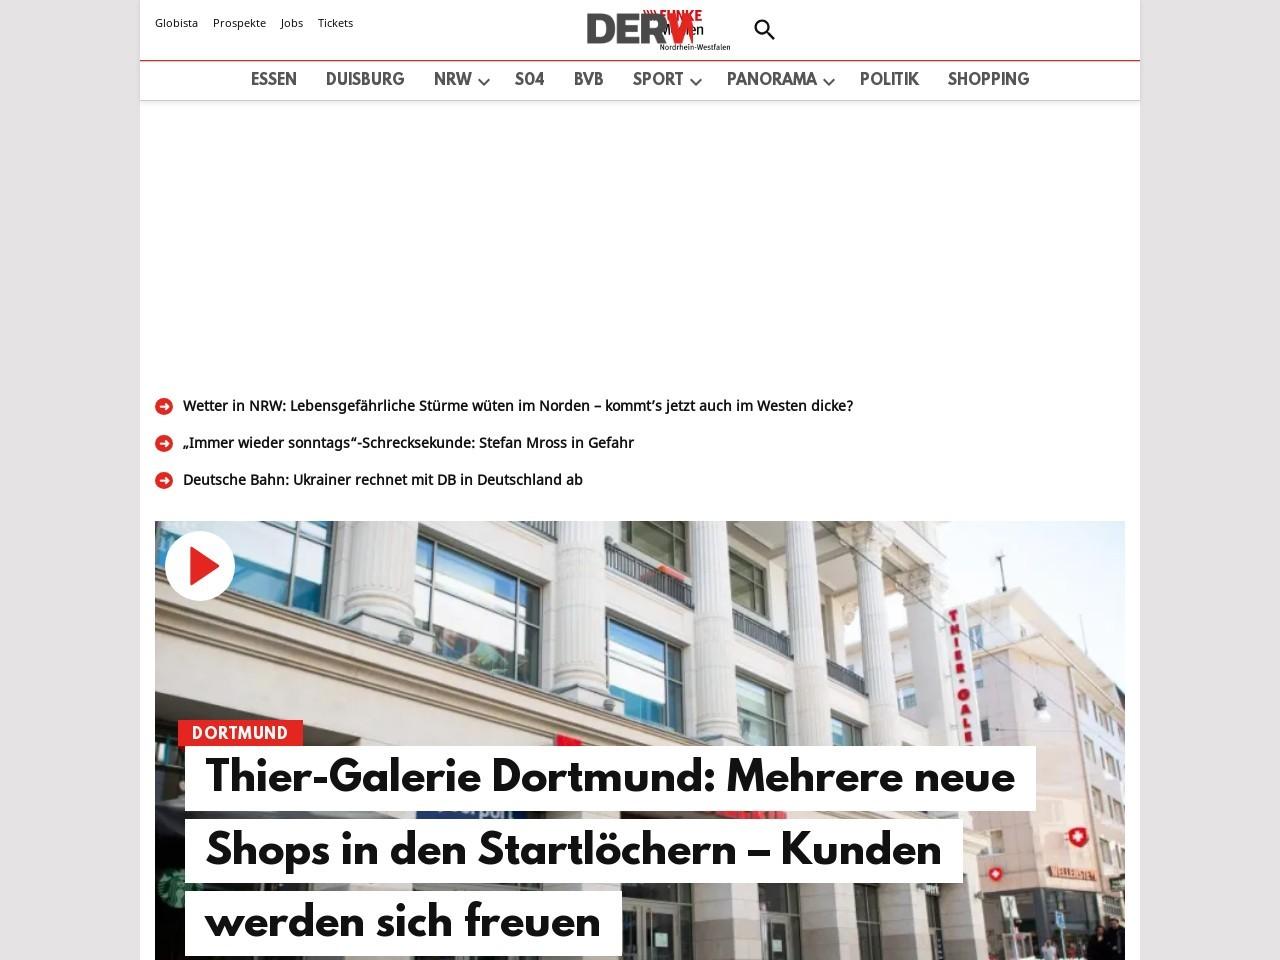 http://www.derwesten.de/nachrichten/staedte/wetter/2009/3/23/news-115183711/detail.html